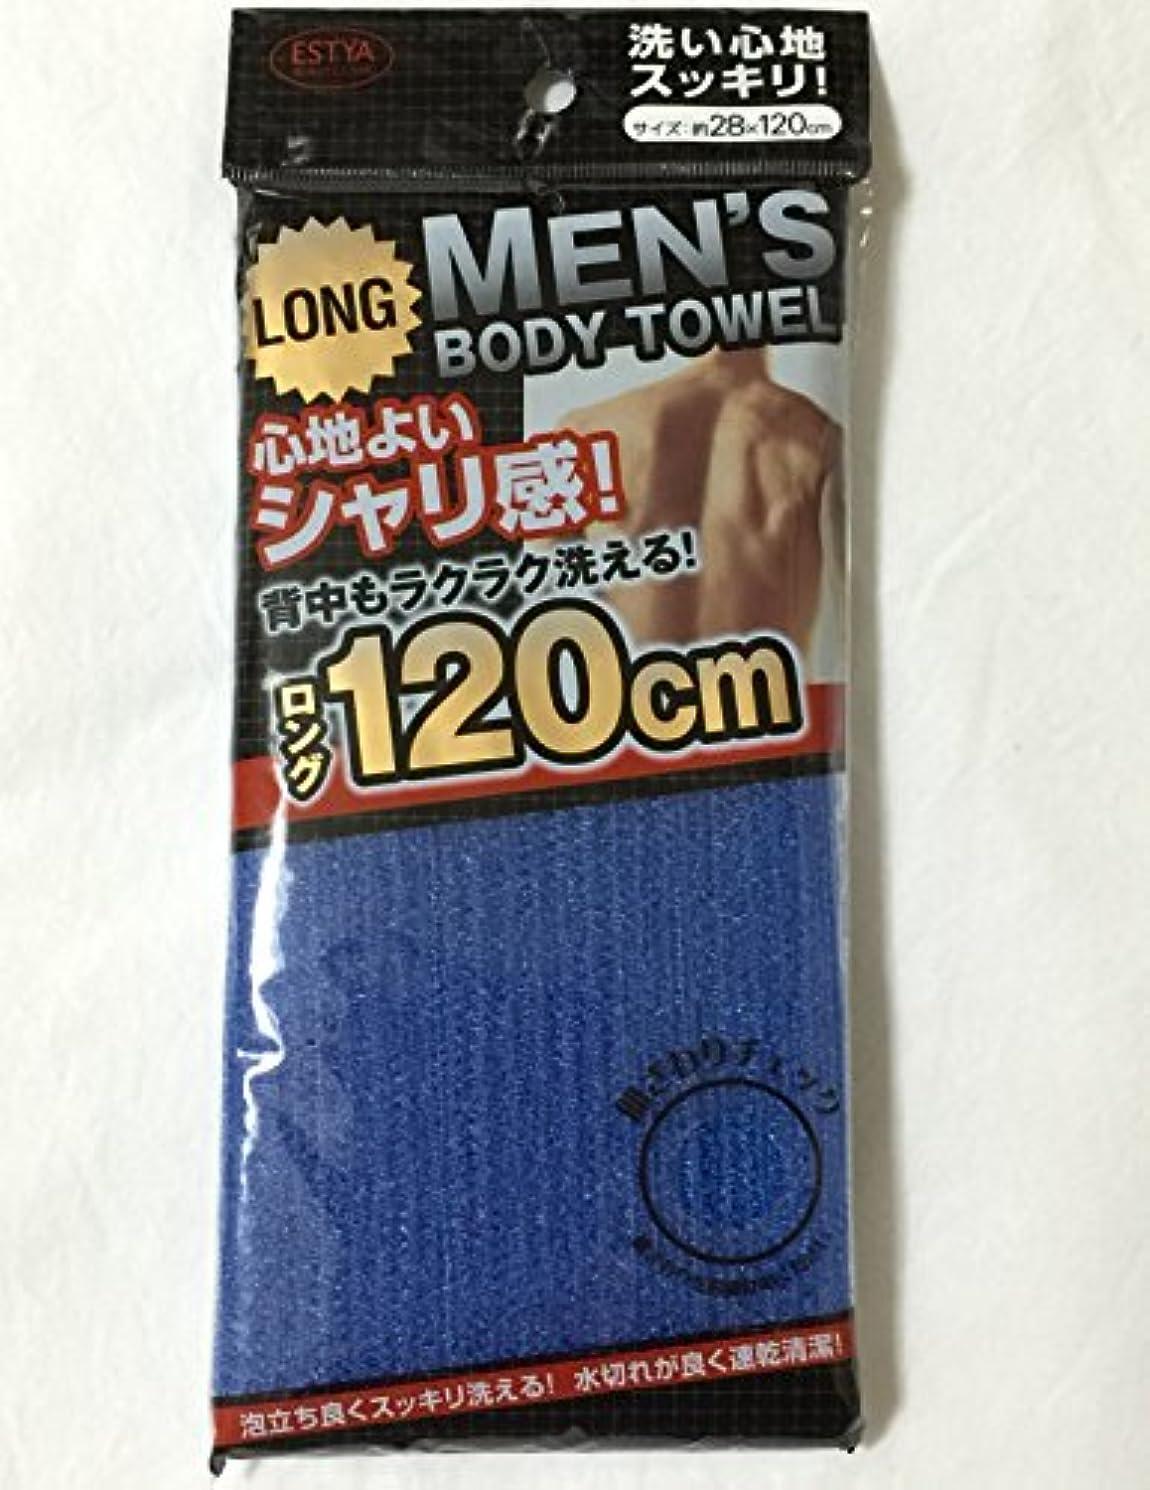 プライム独立してファイターメンズ ボディー  タオル 120cm ( かため ) スッキリ 爽快 ! 男性用 ロング ナイロン タオル